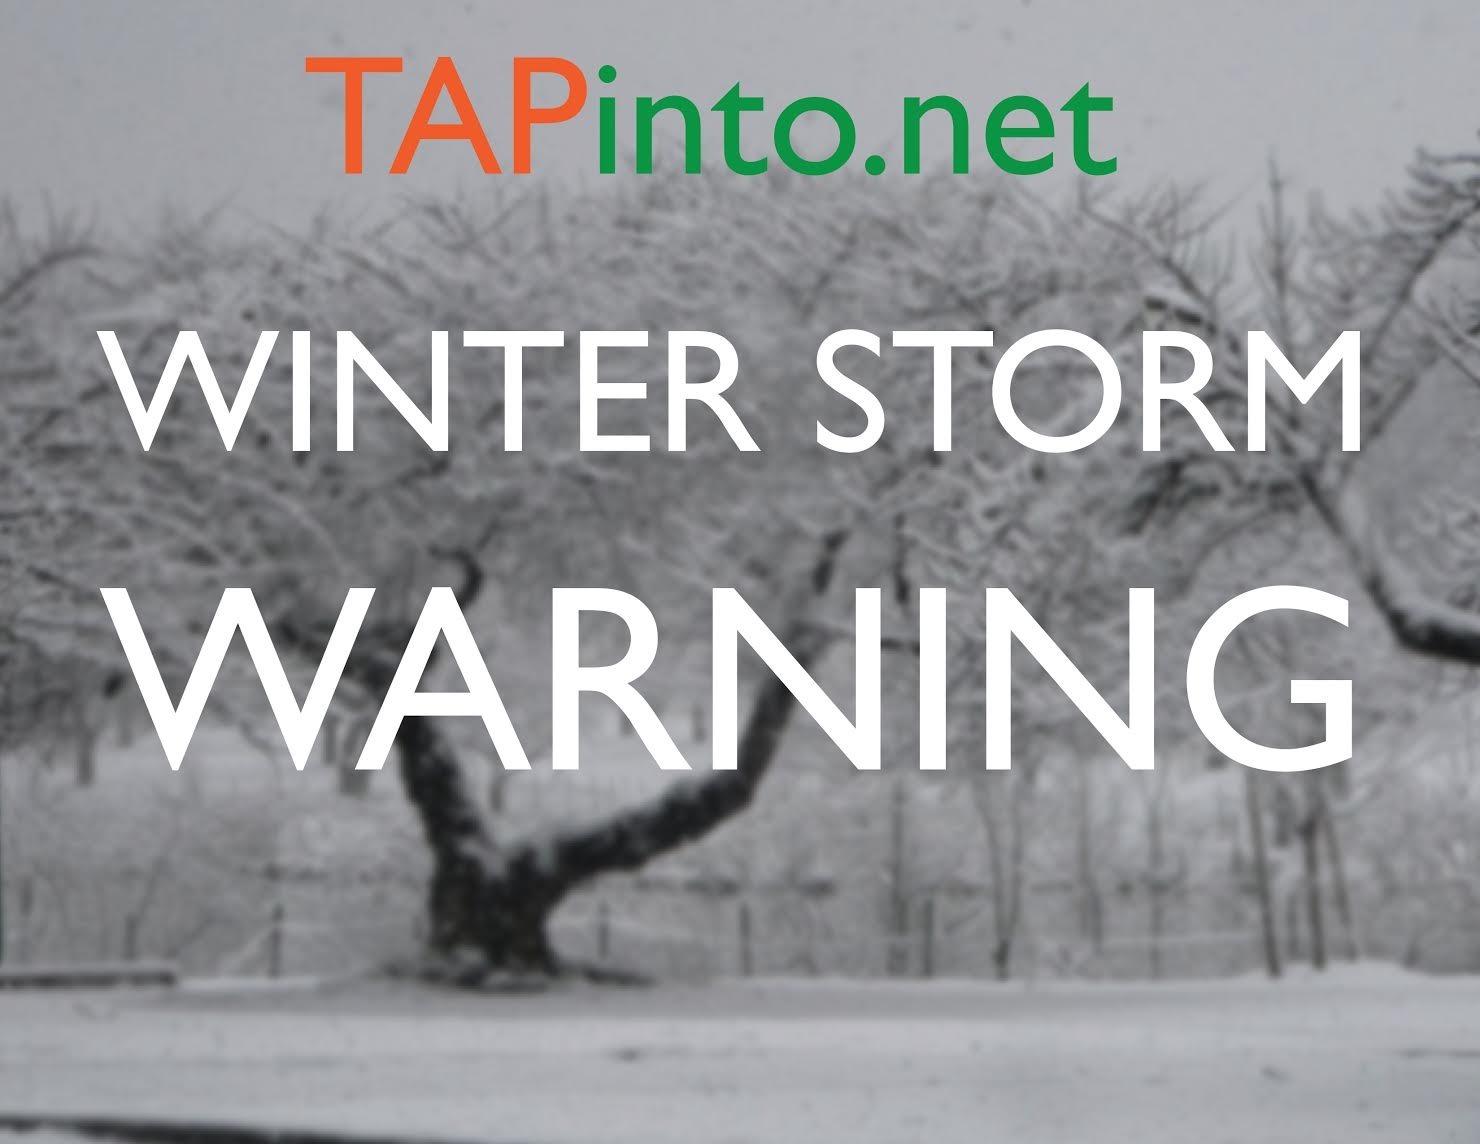 2de699f1c2f2c5e468ce_winter_storm.jpg